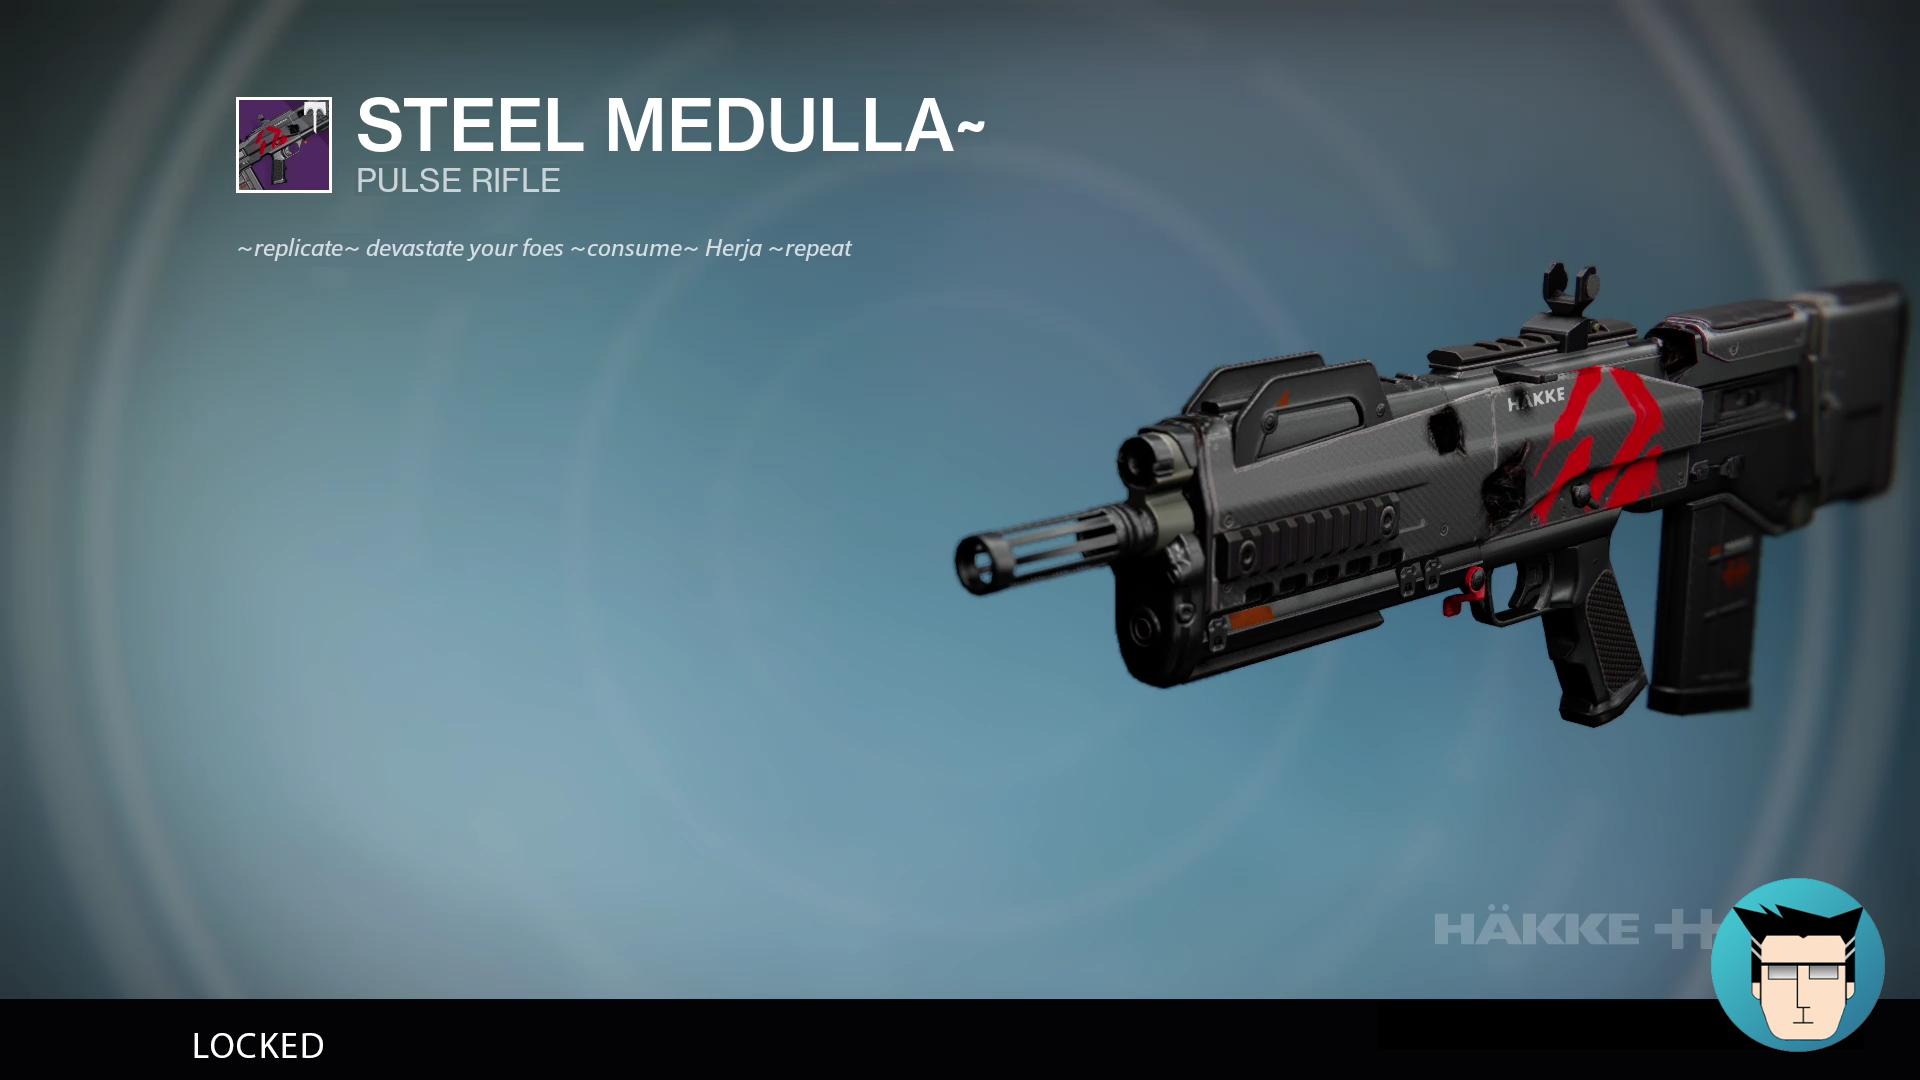 Steel Medulla~ | Locked